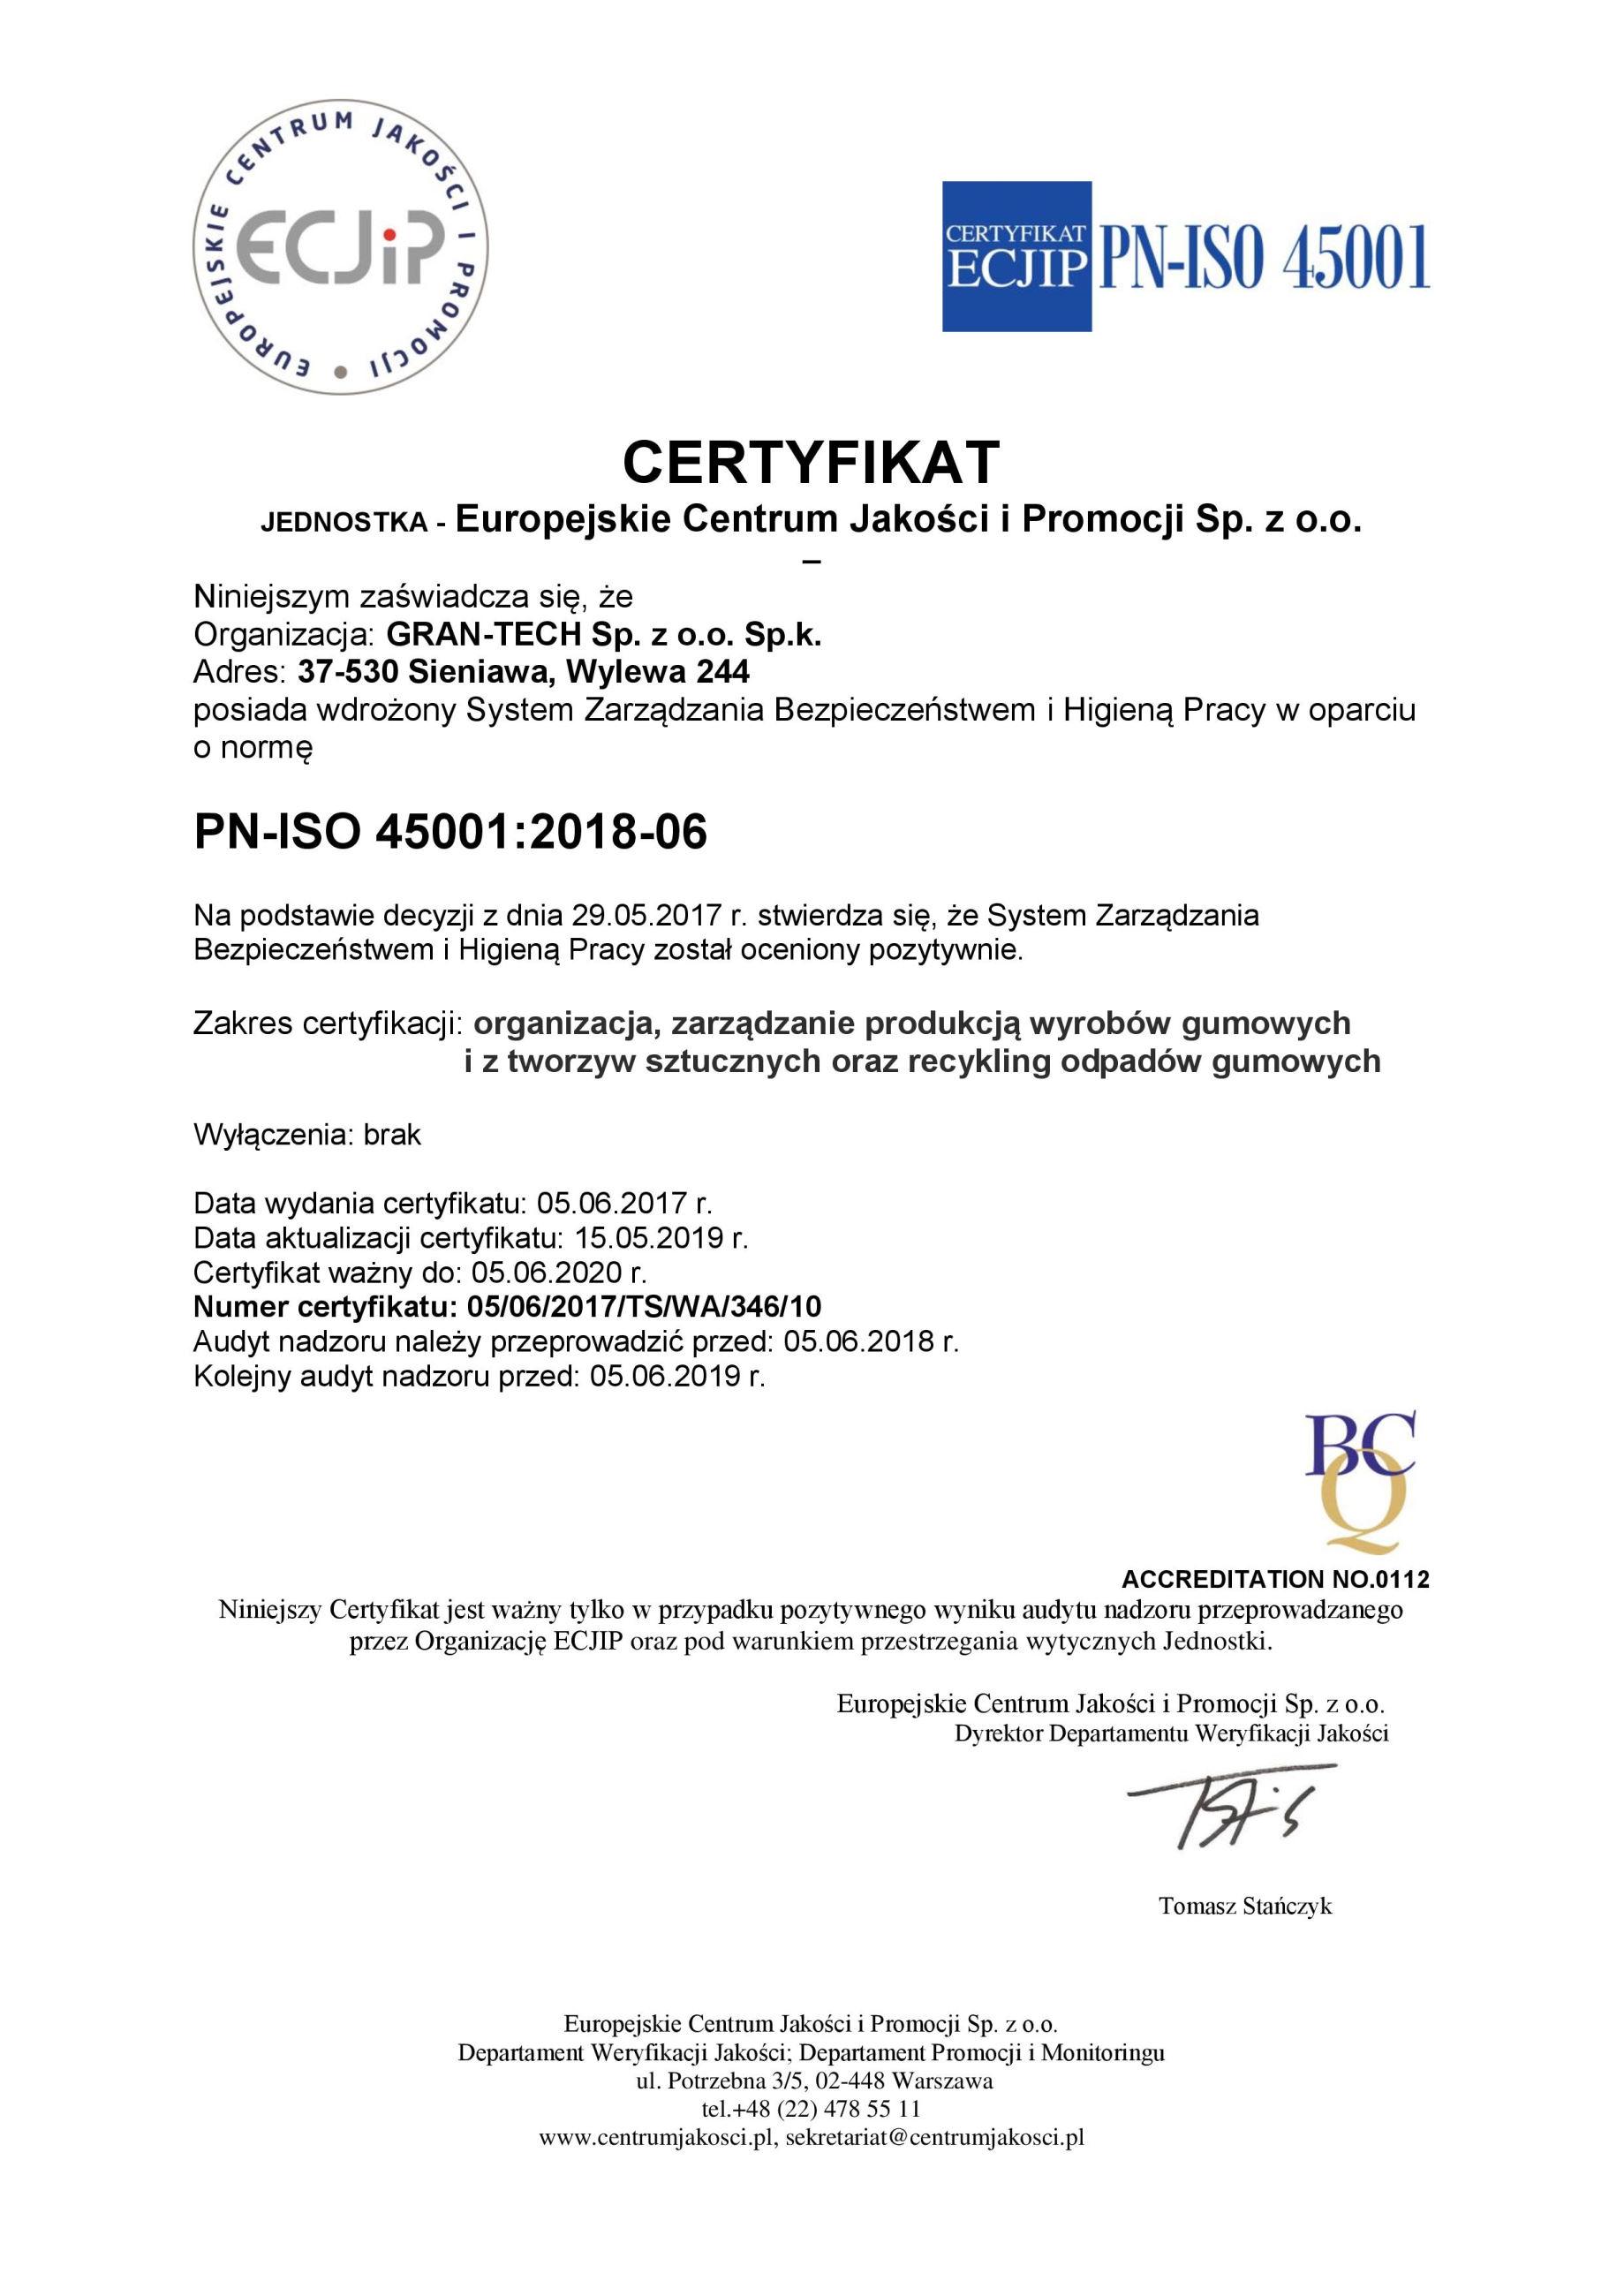 GRAN-TECH - PN-ISO 45001 2019-page-001